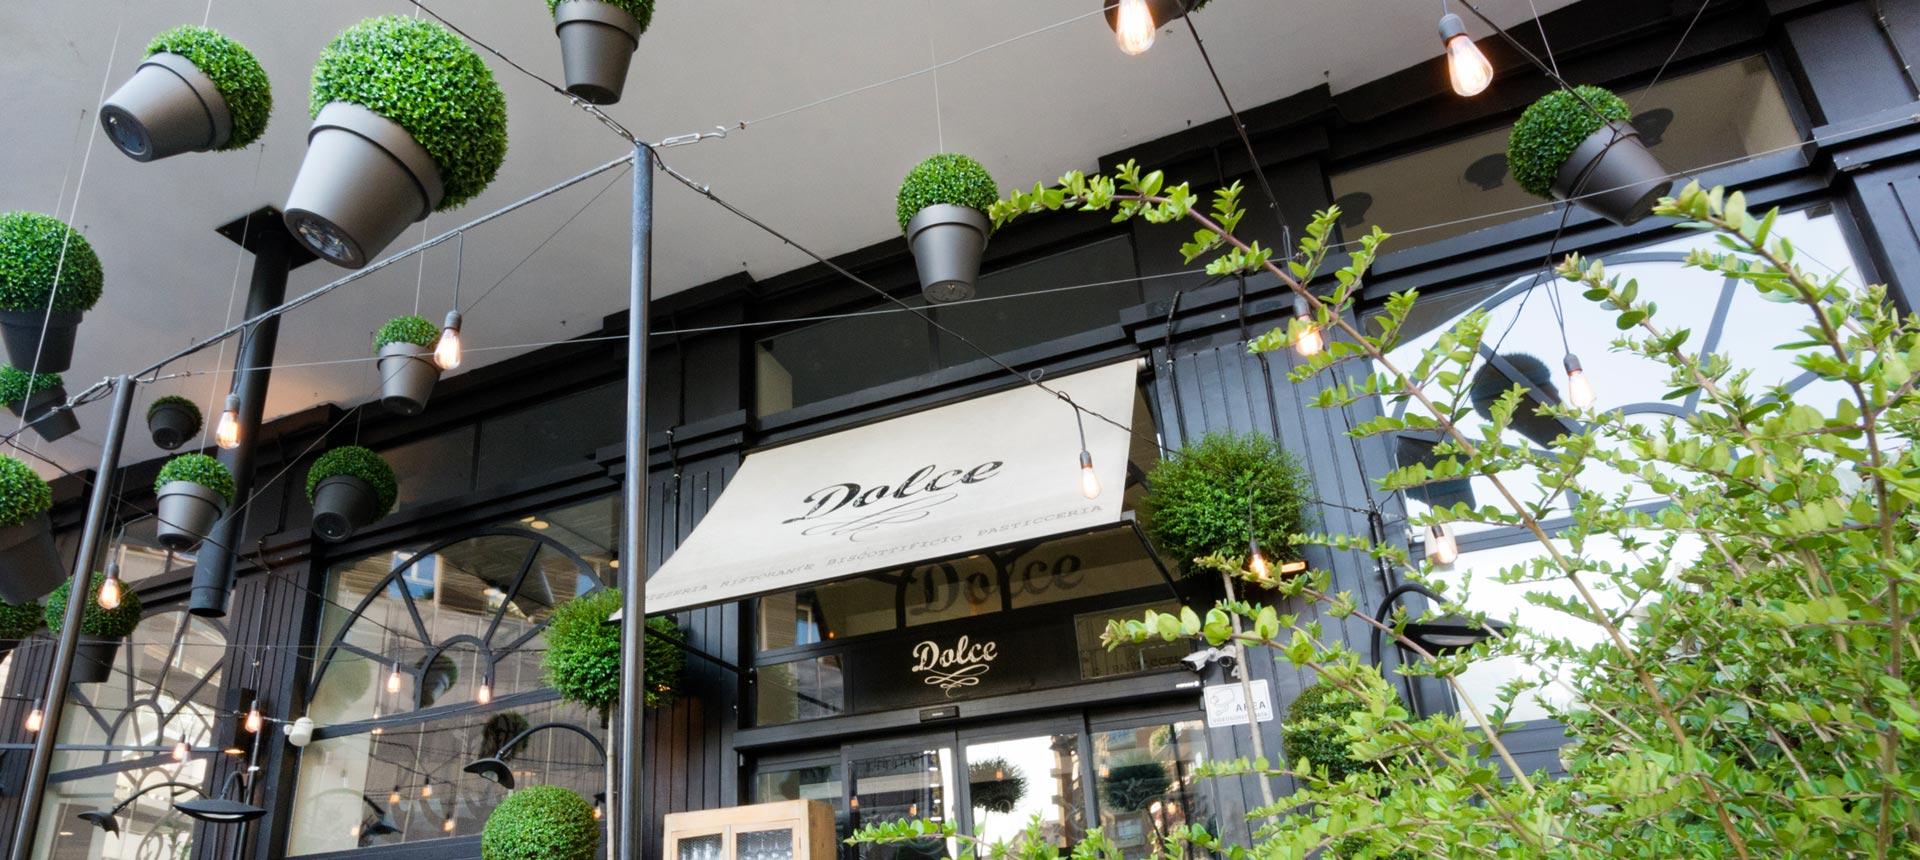 allestimento estate ristorante pasticceria dolce roma